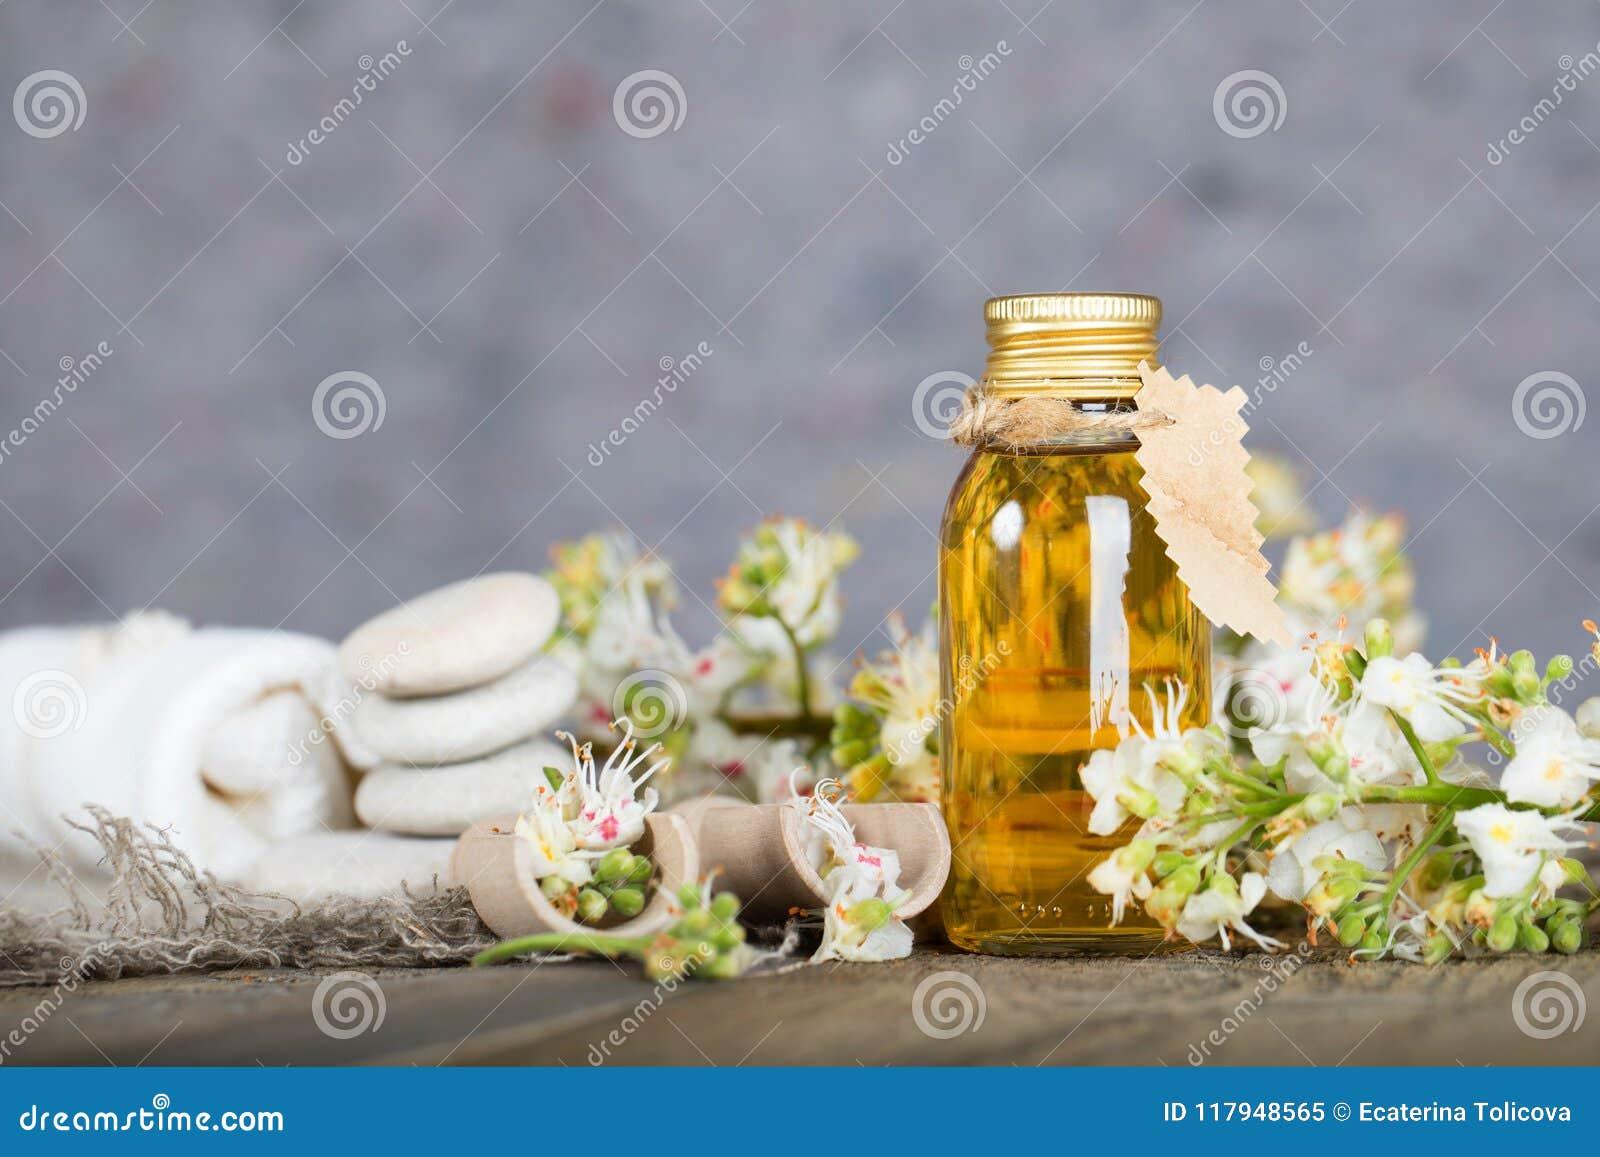 Glass bottle of horse chestnut oil extract.